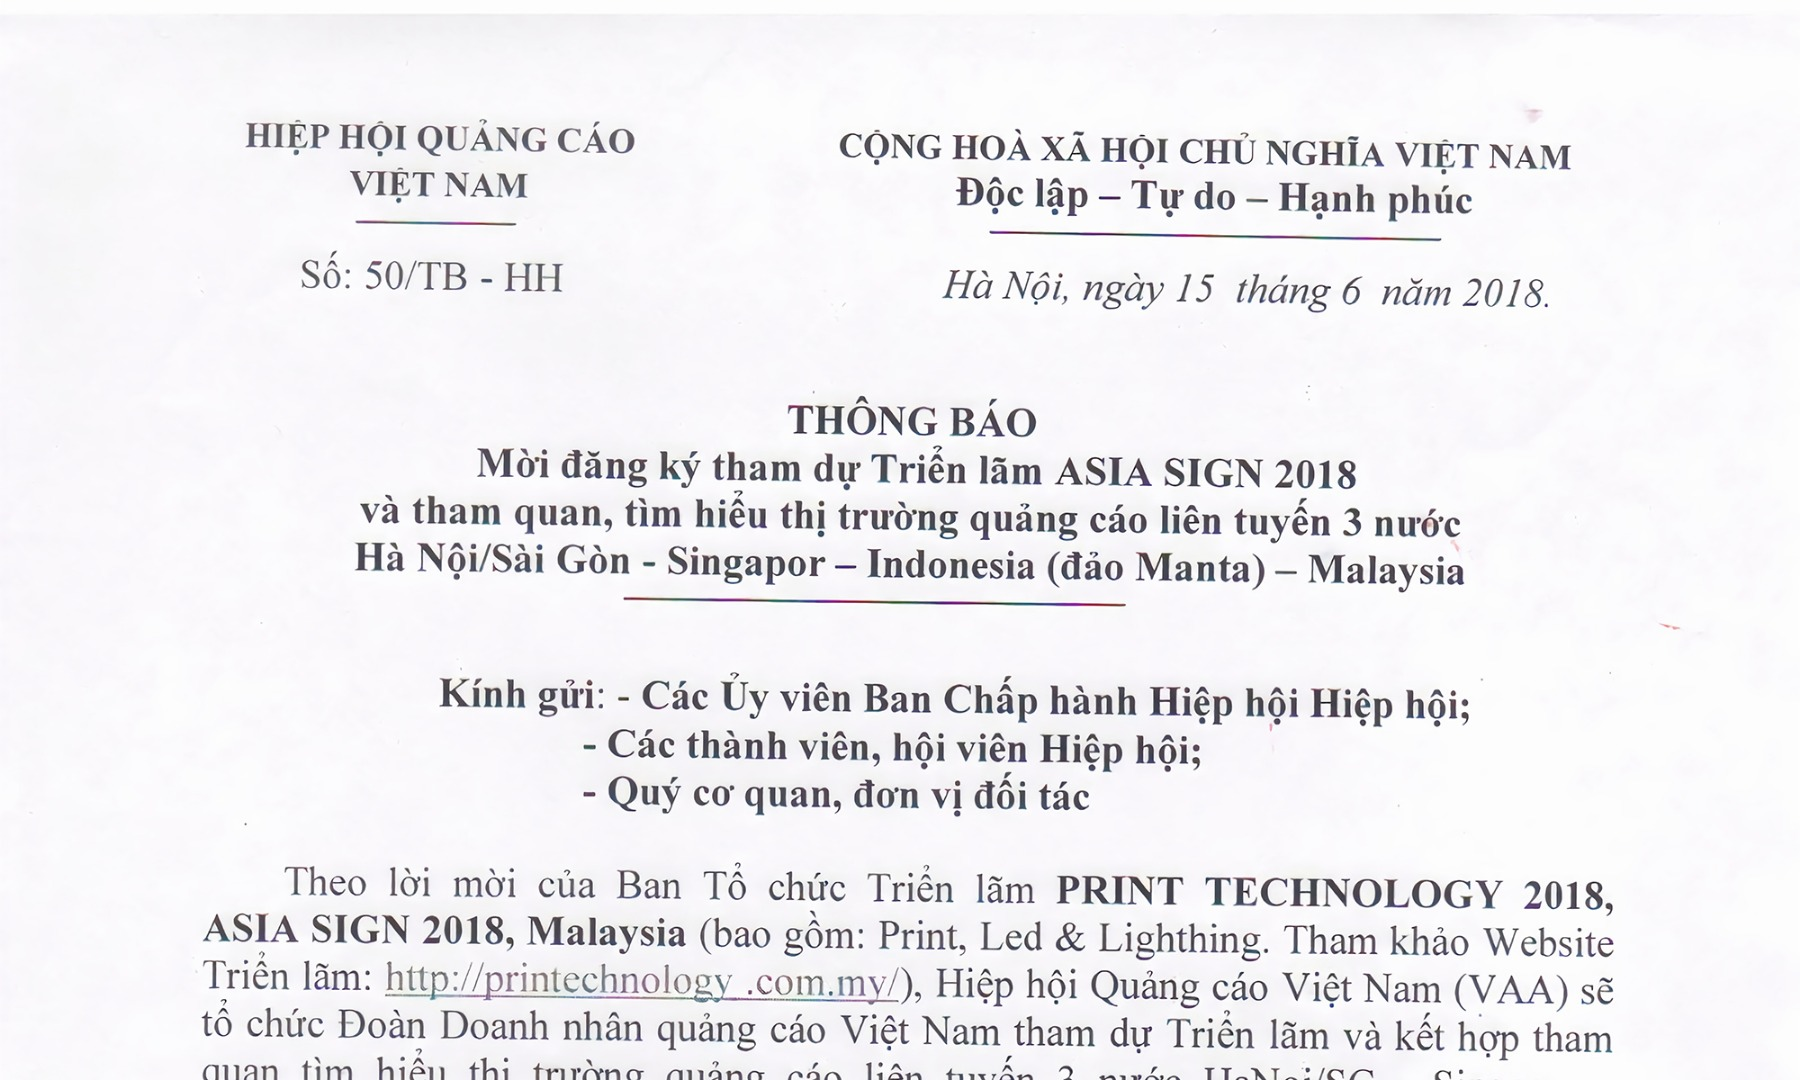 Thư mời hội viên hiệp hội quảng cáo Việt Nam tham dự triển lãm ASIA SIGN 2018